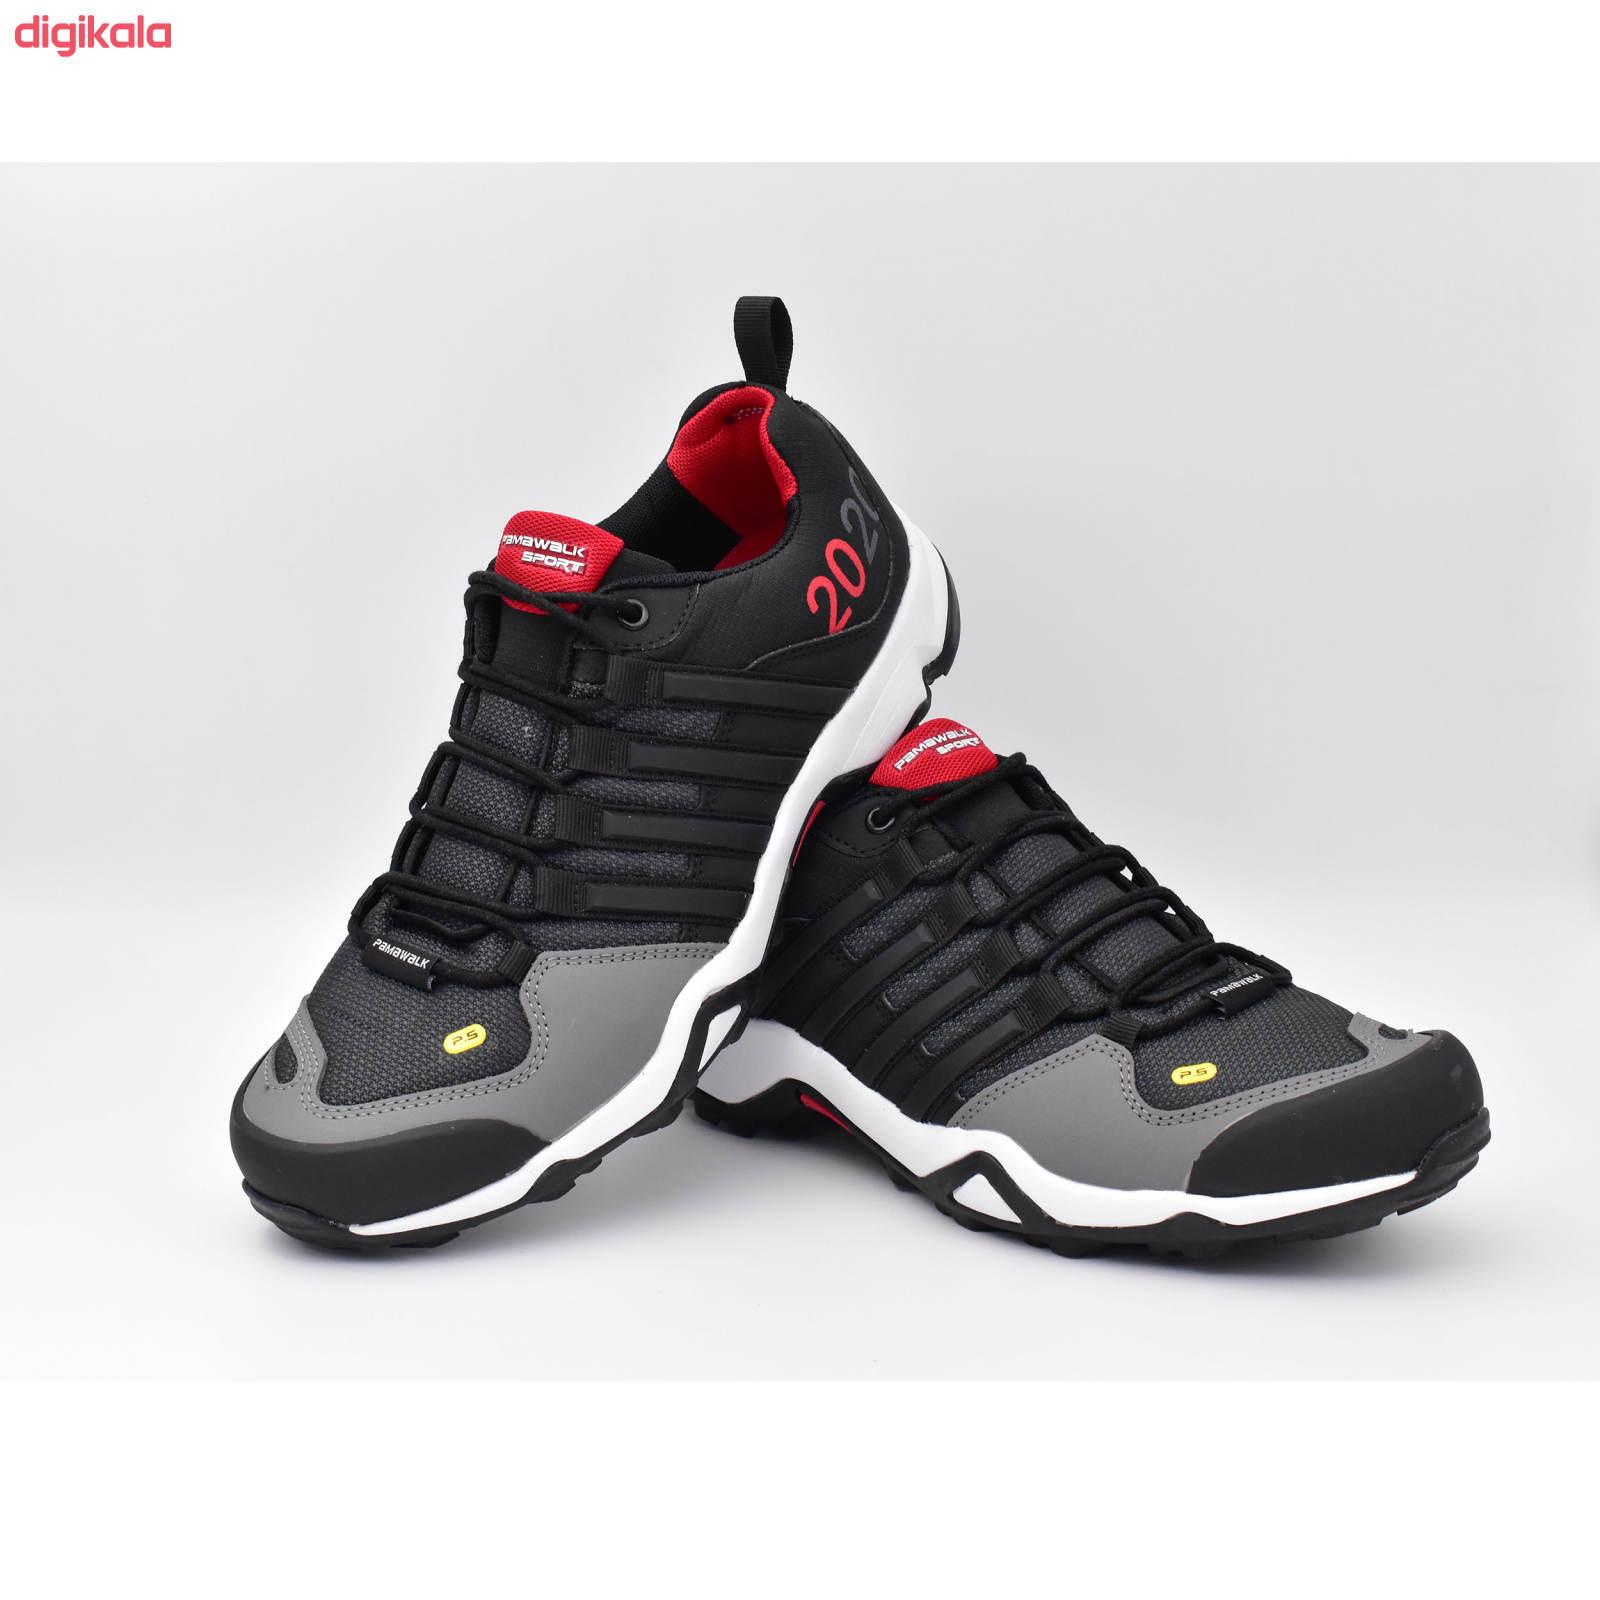 کفش پیاده روی مردانه پاما مدل TT کد 1080-2 main 1 4